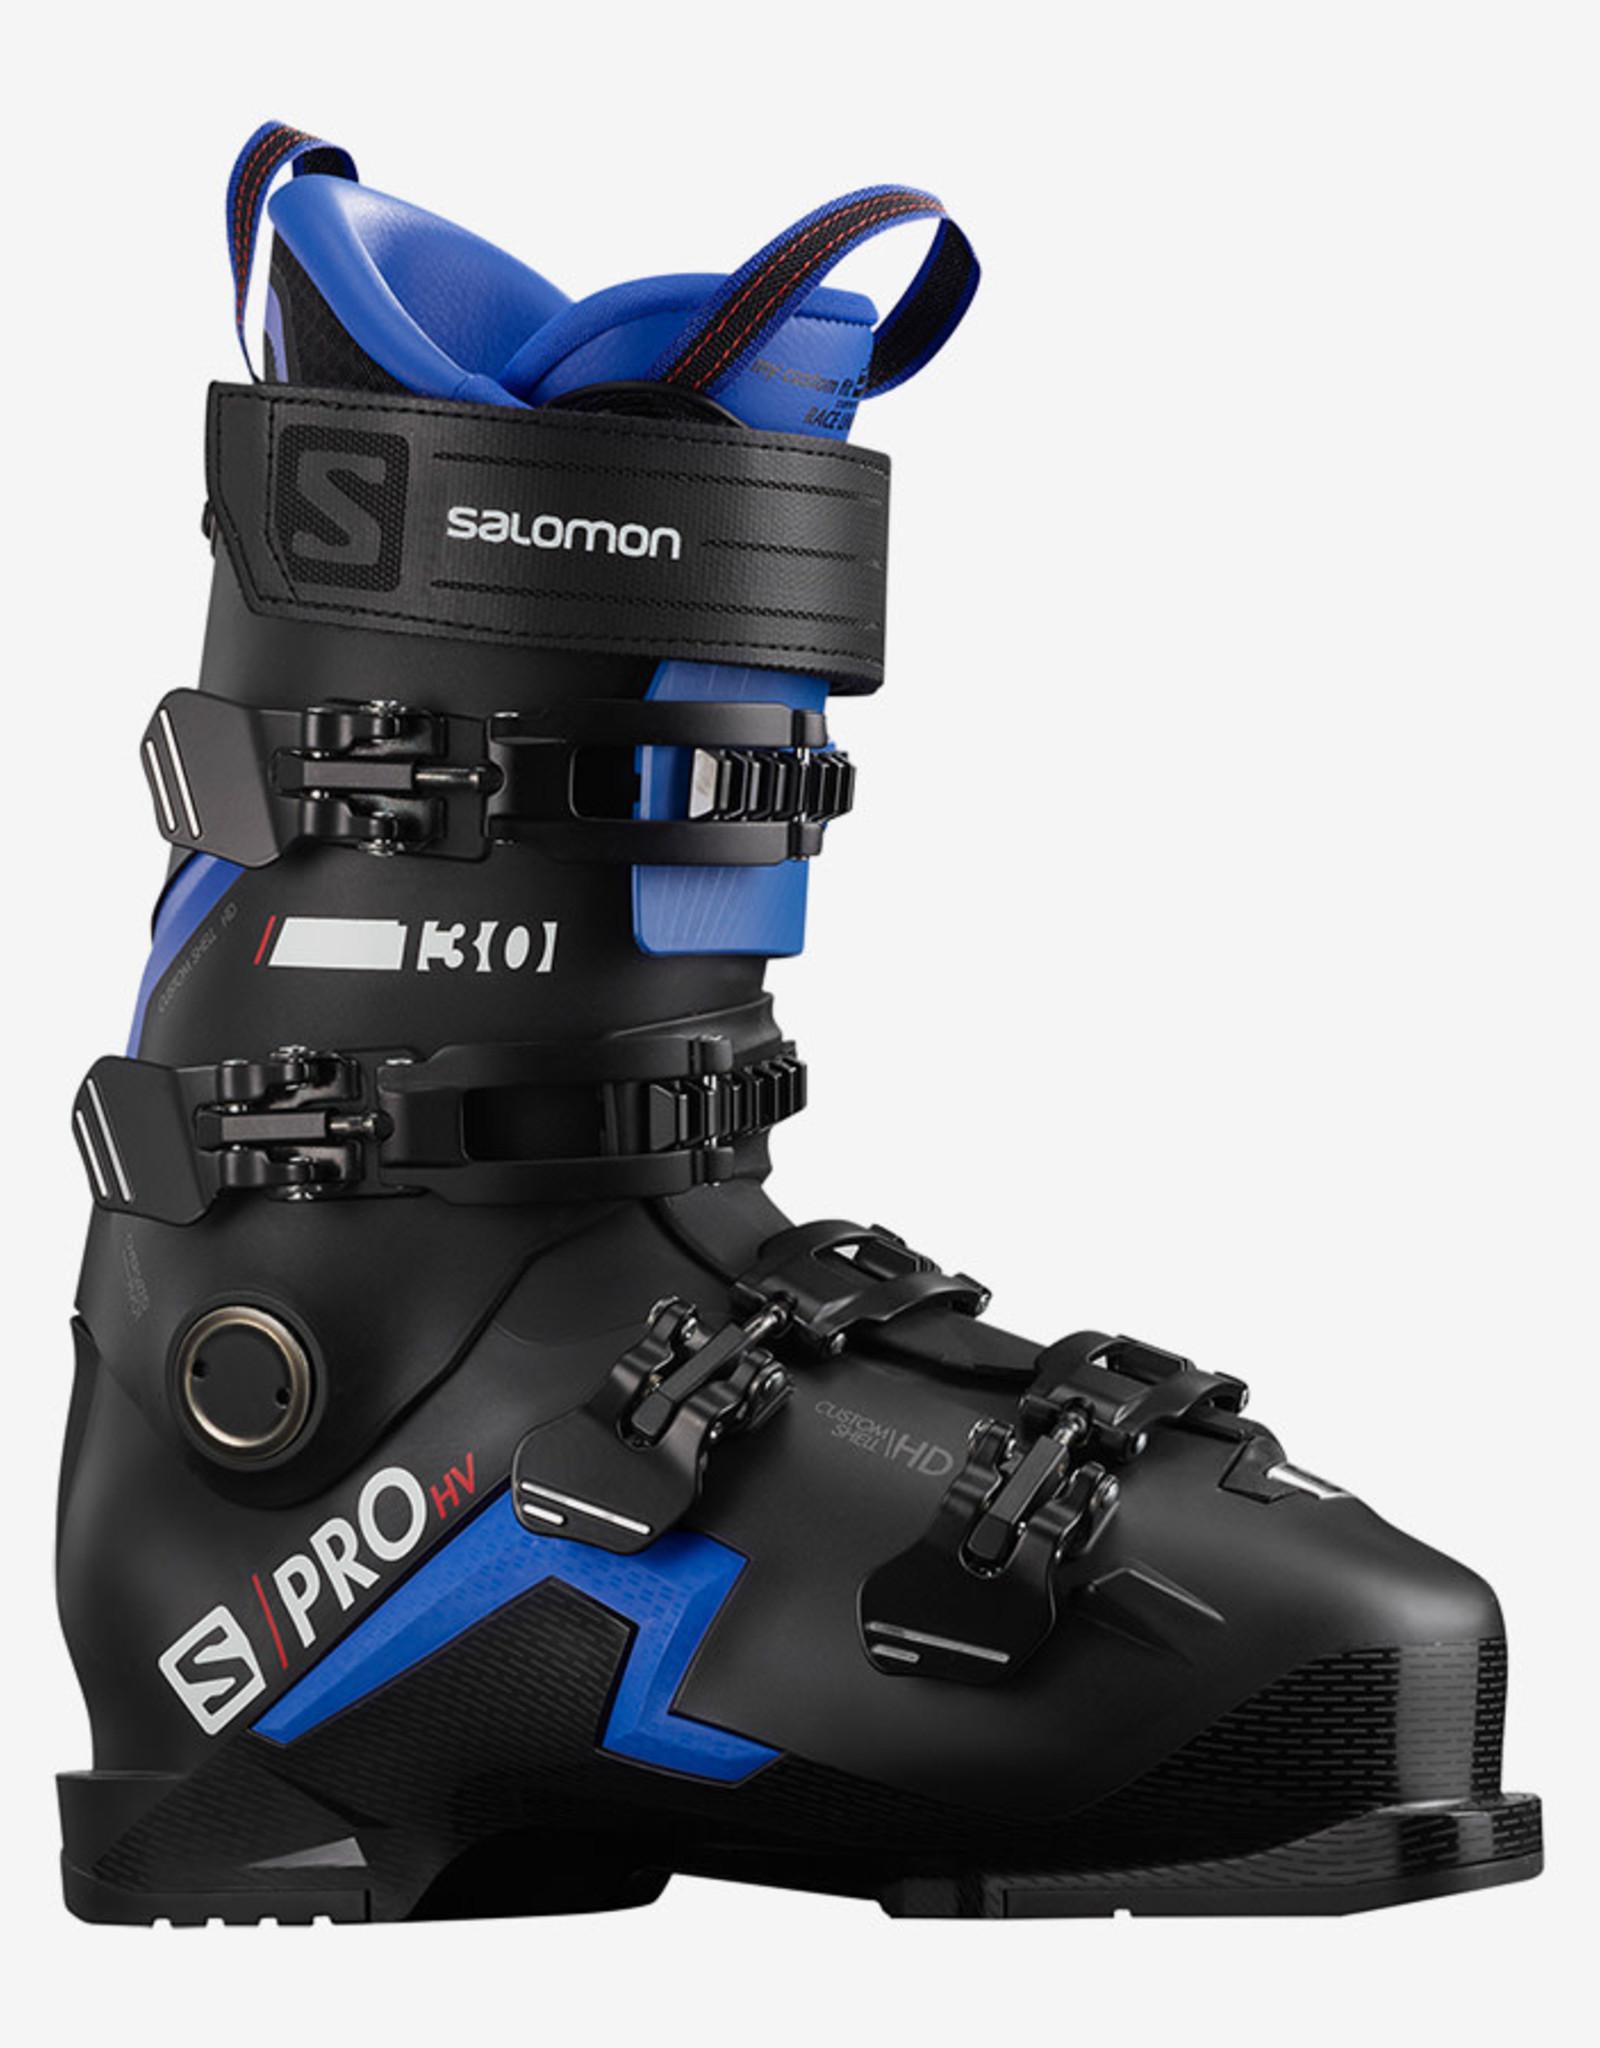 Salomon SALOMON Ski Boots S/PRO HV 130 (20/21)